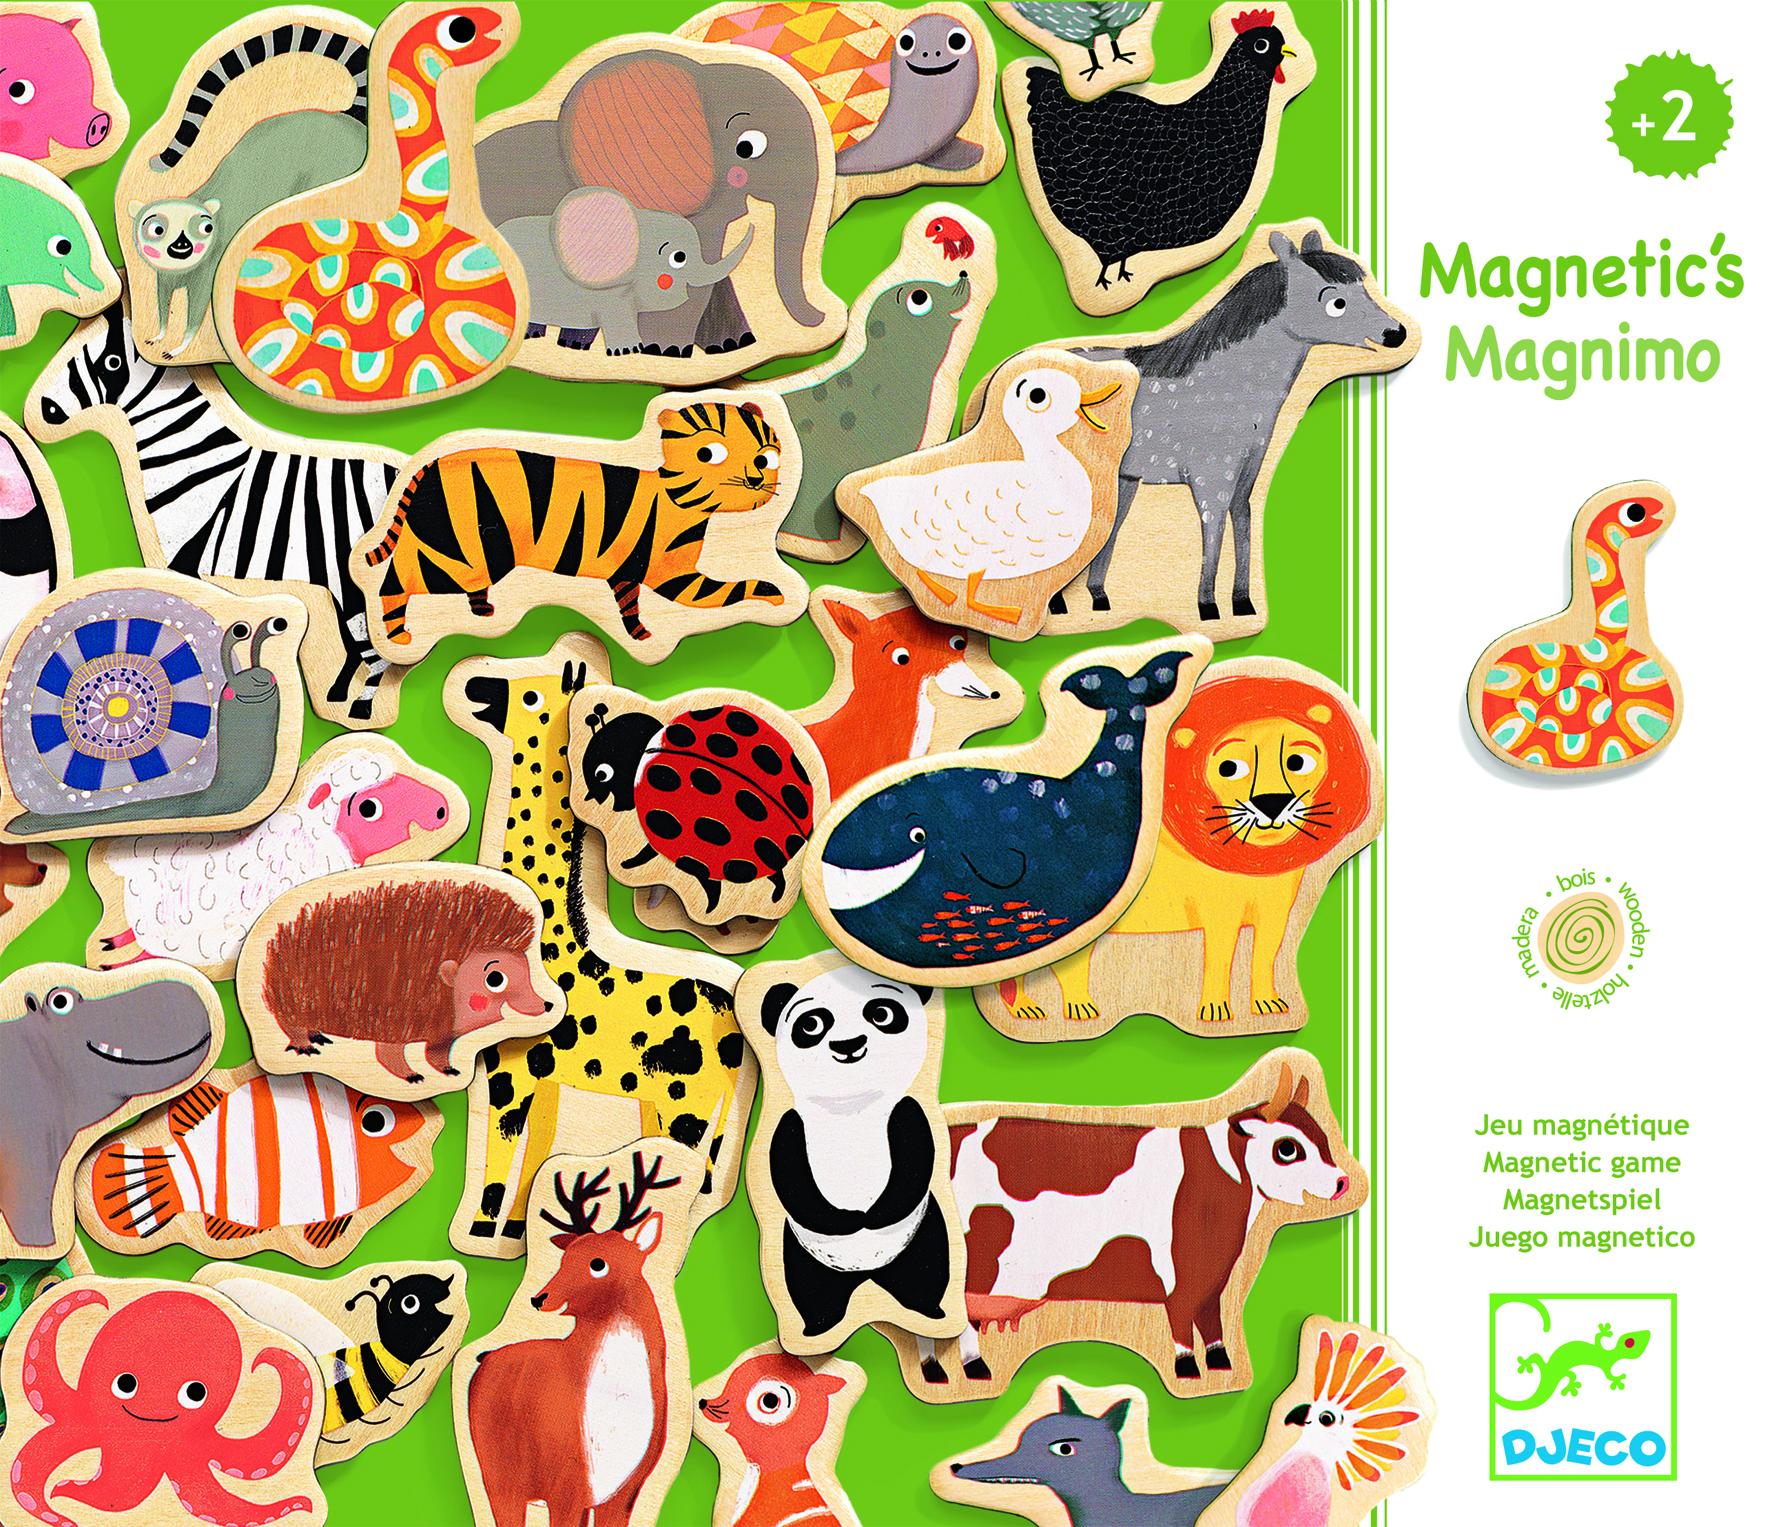 Joc cu magneti animale dragute djeco